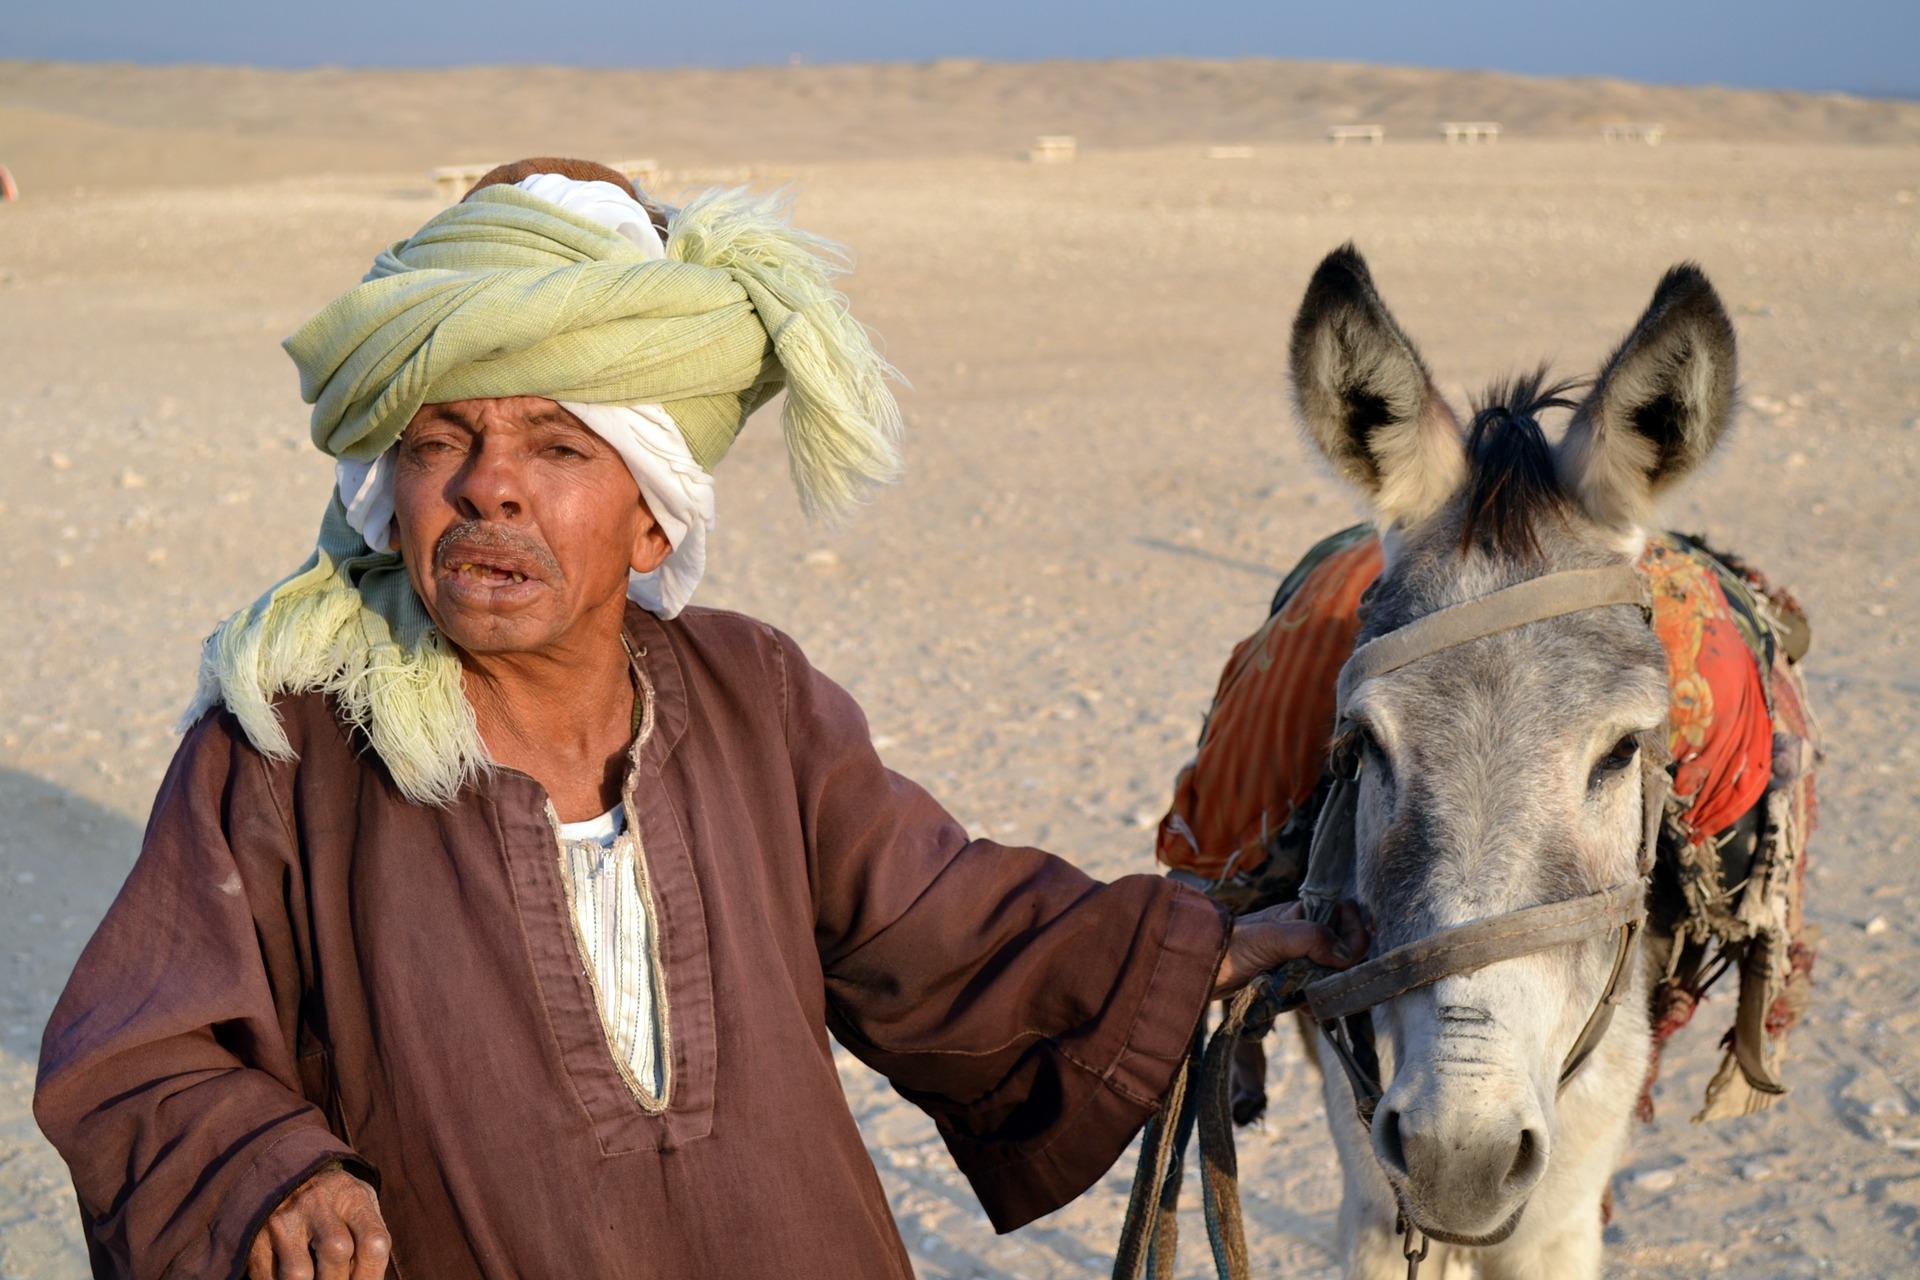 Menschen in Ägypten